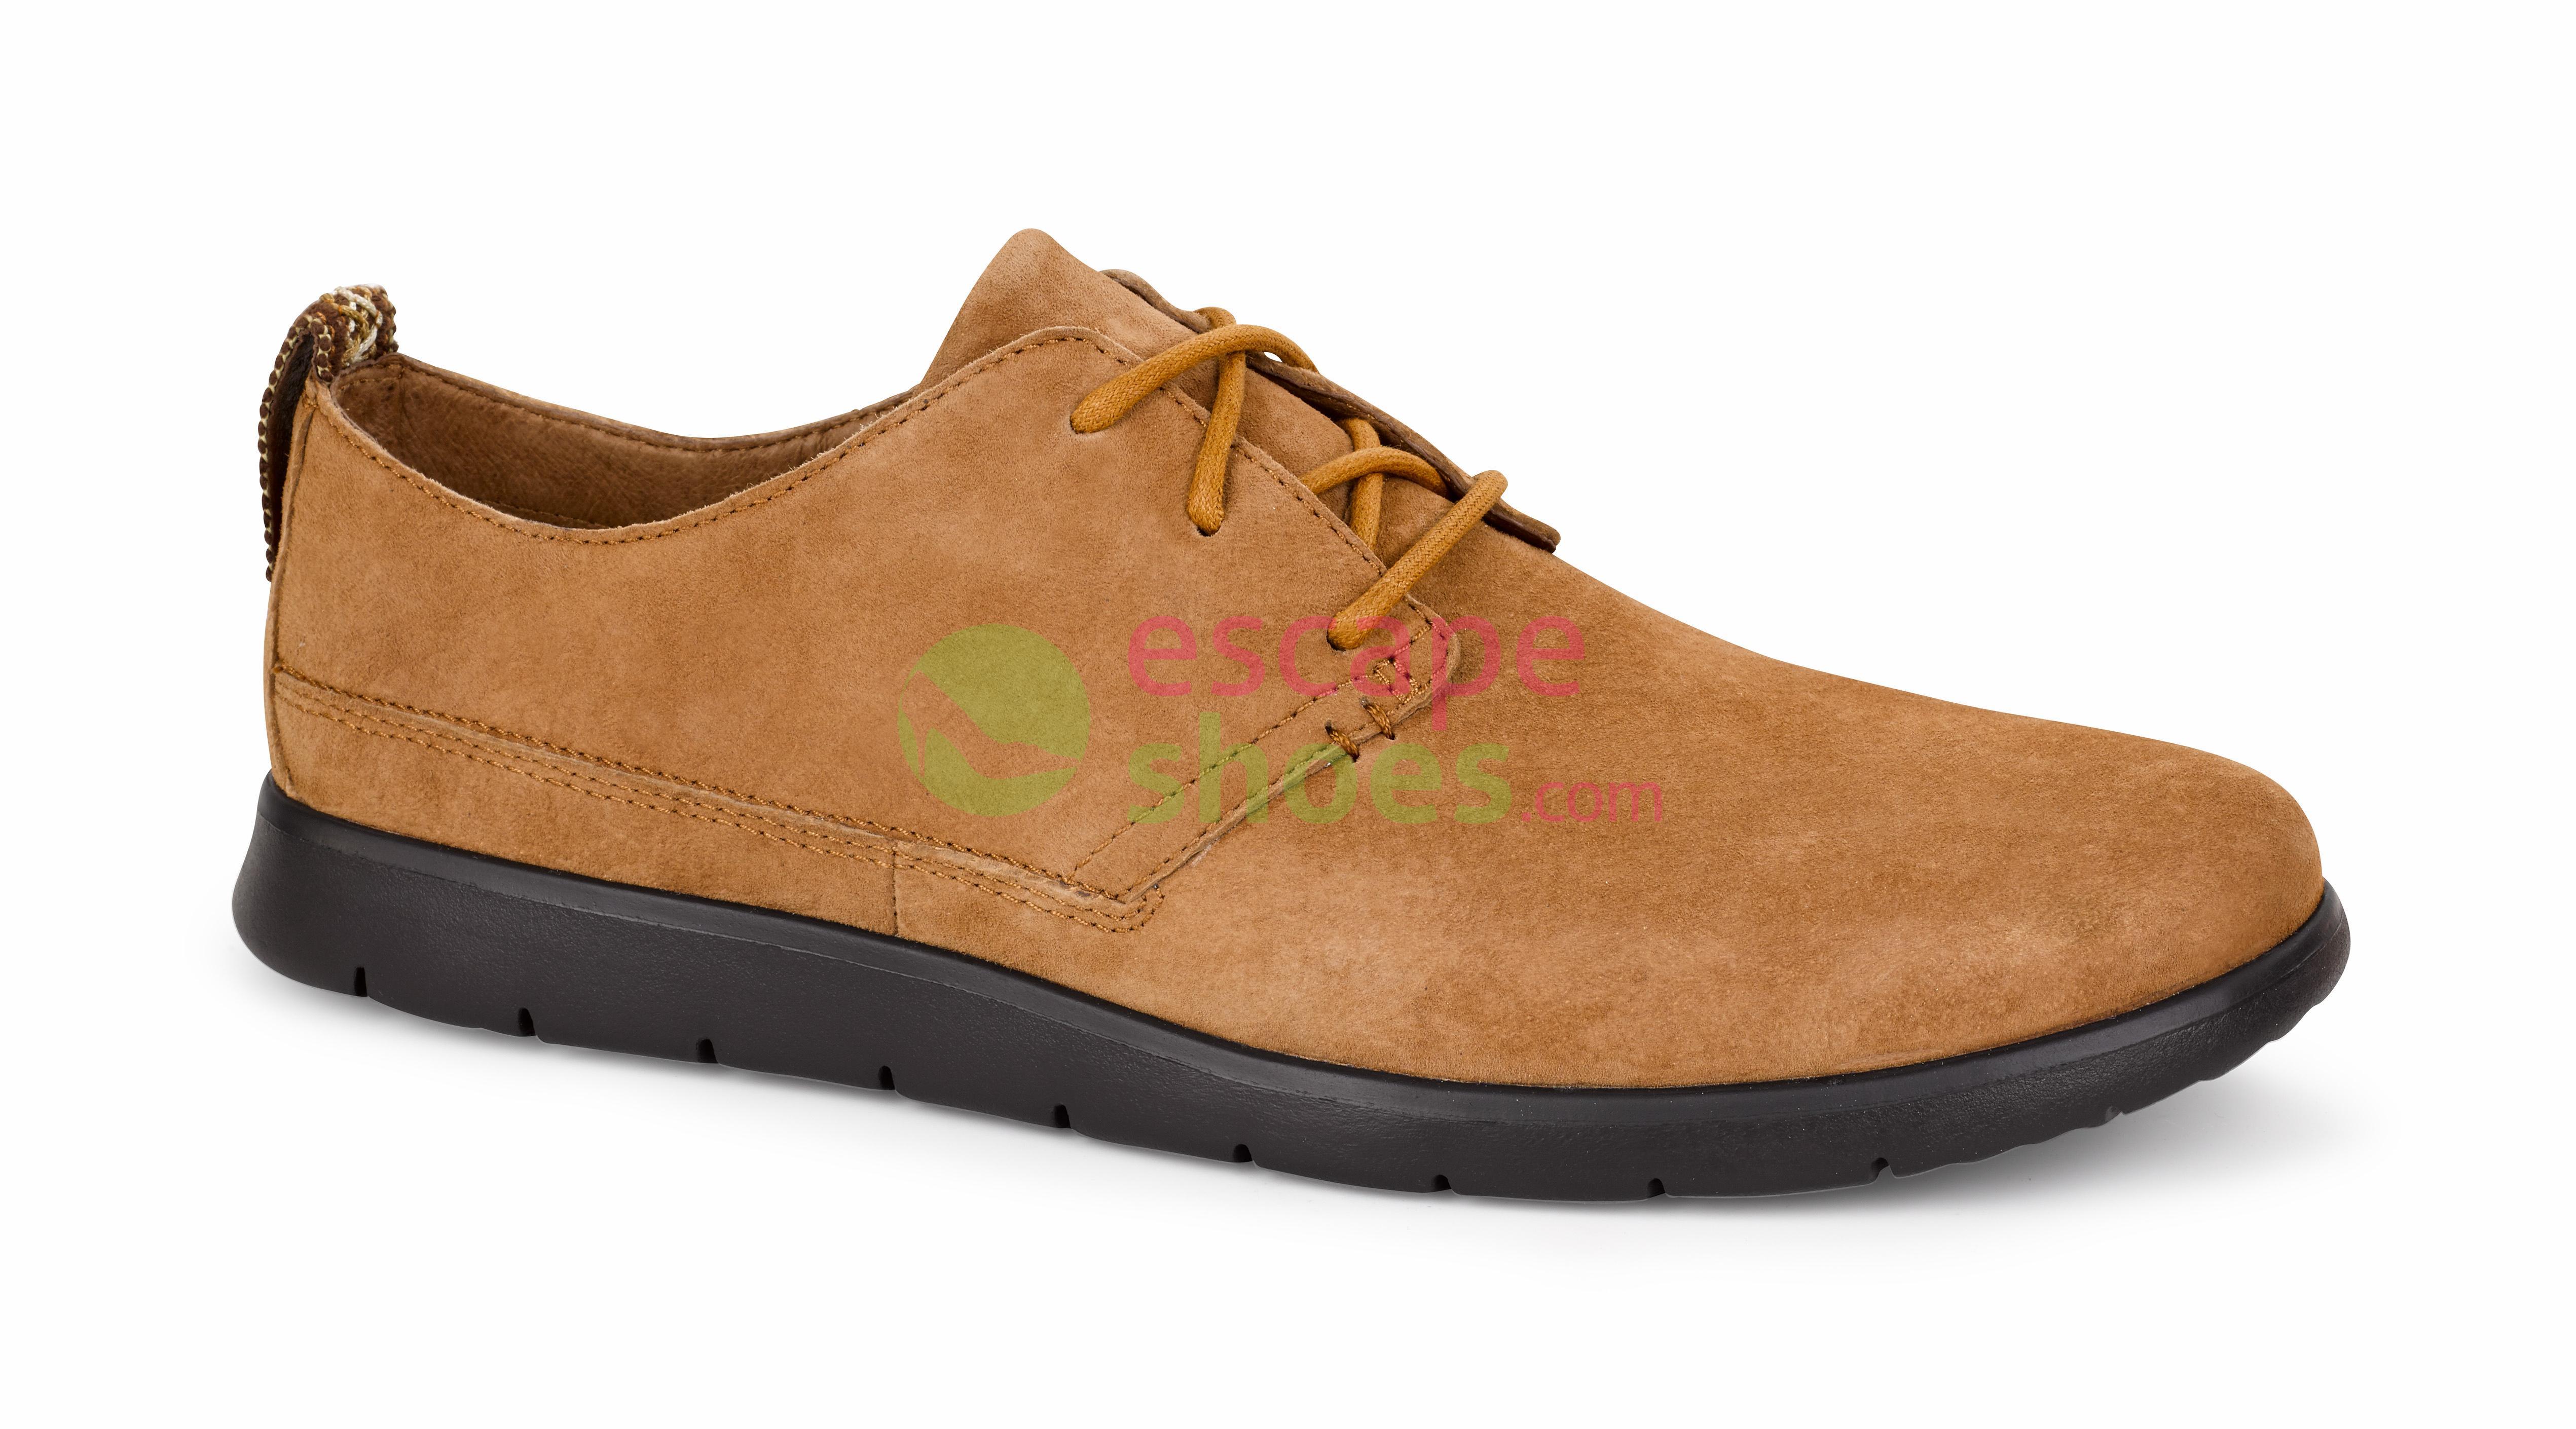 4cb8a396eec Compra aquí tus Zapatos UGG Bowmore 1006692 Chestnut | Tienda Online ...